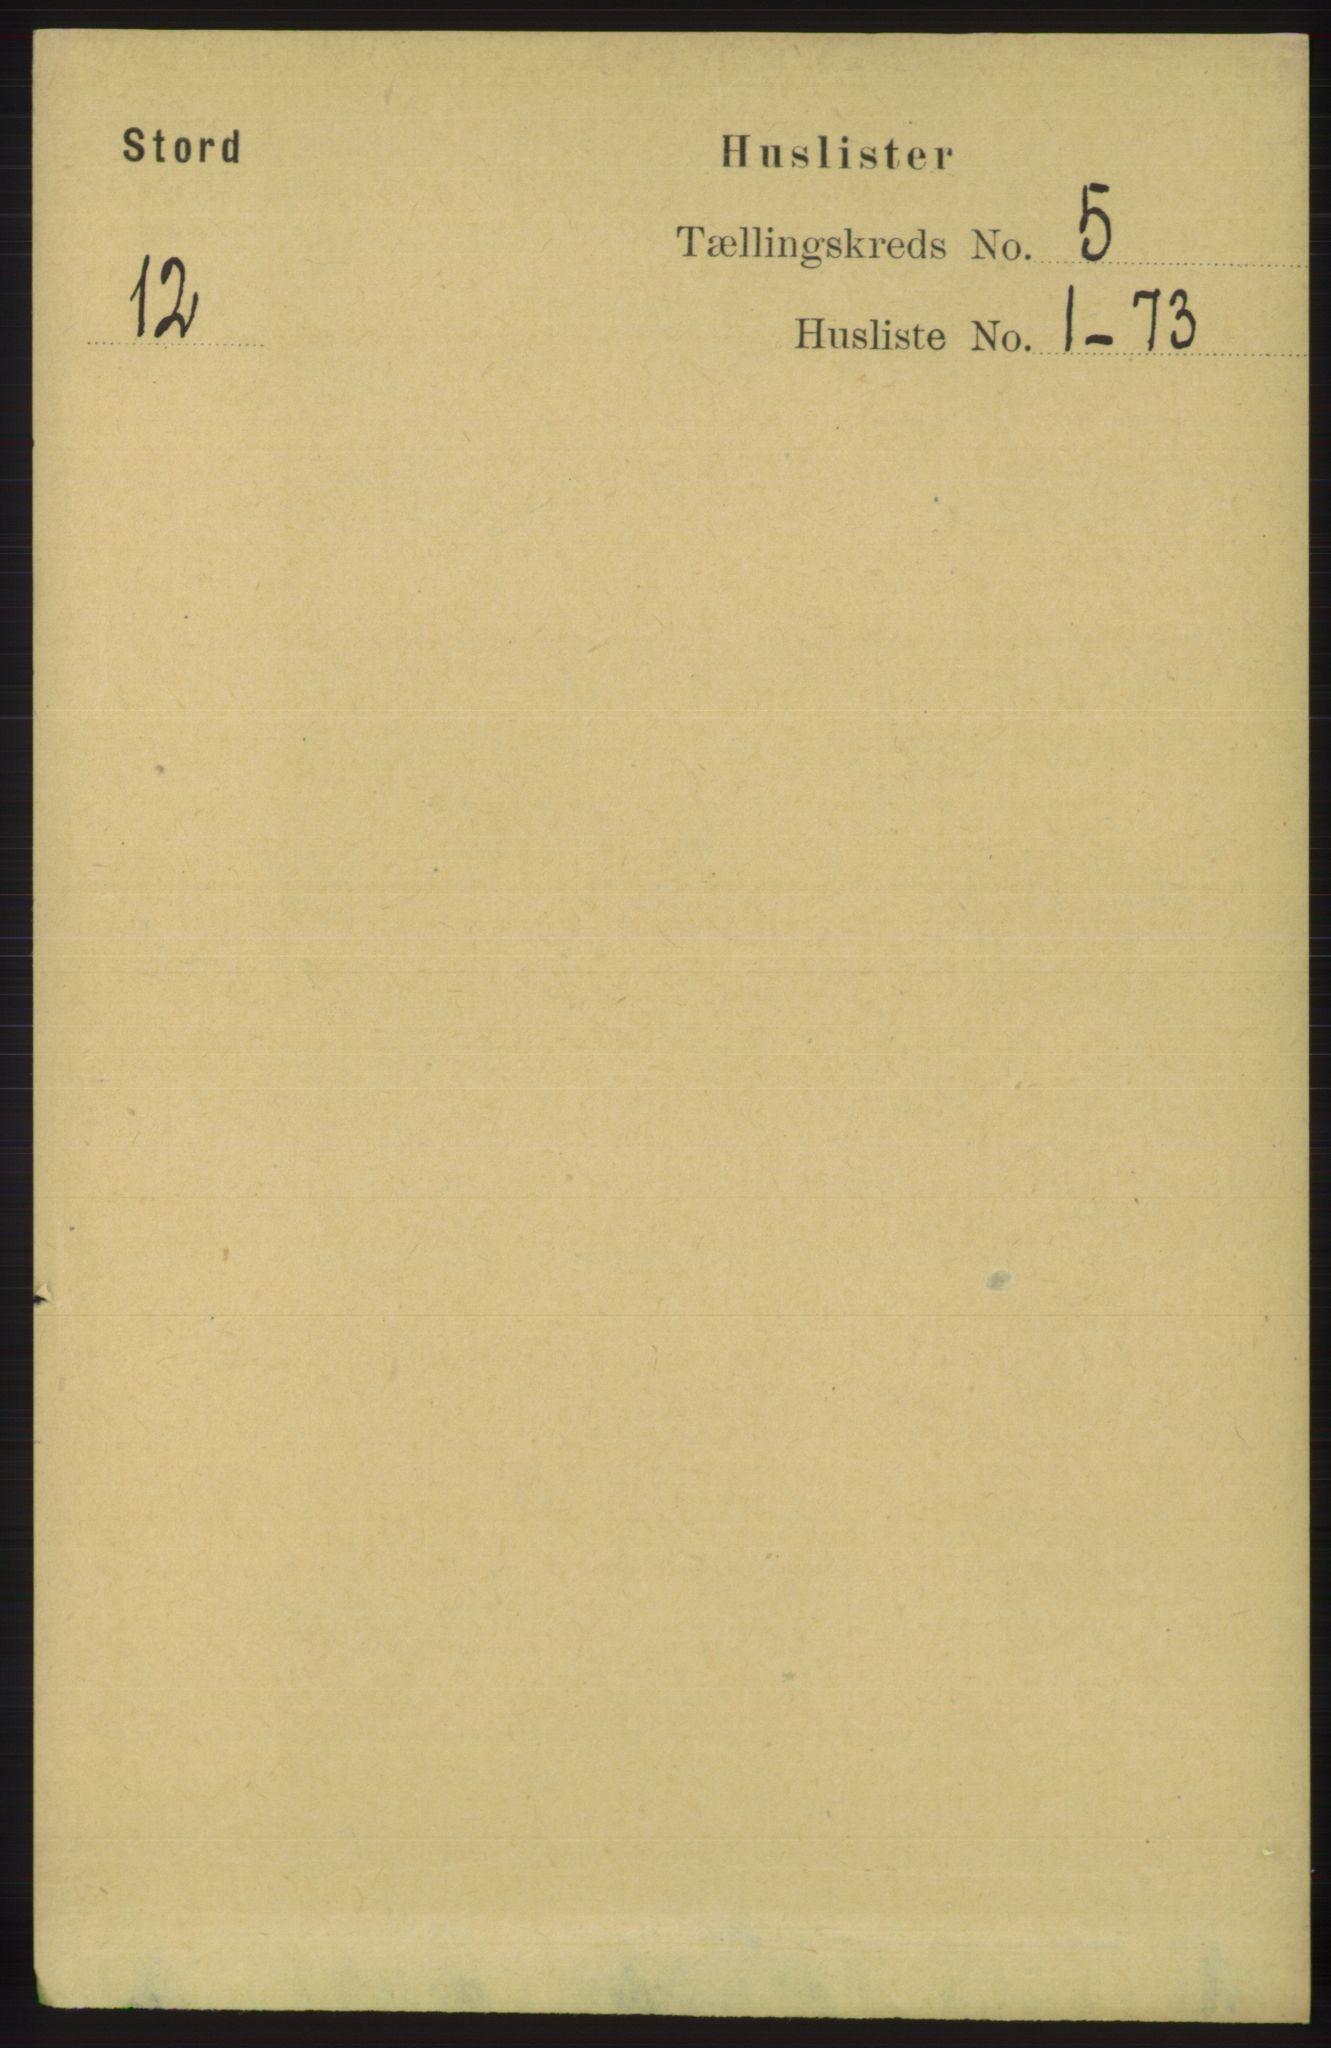 RA, Folketelling 1891 for 1221 Stord herred, 1891, s. 1581